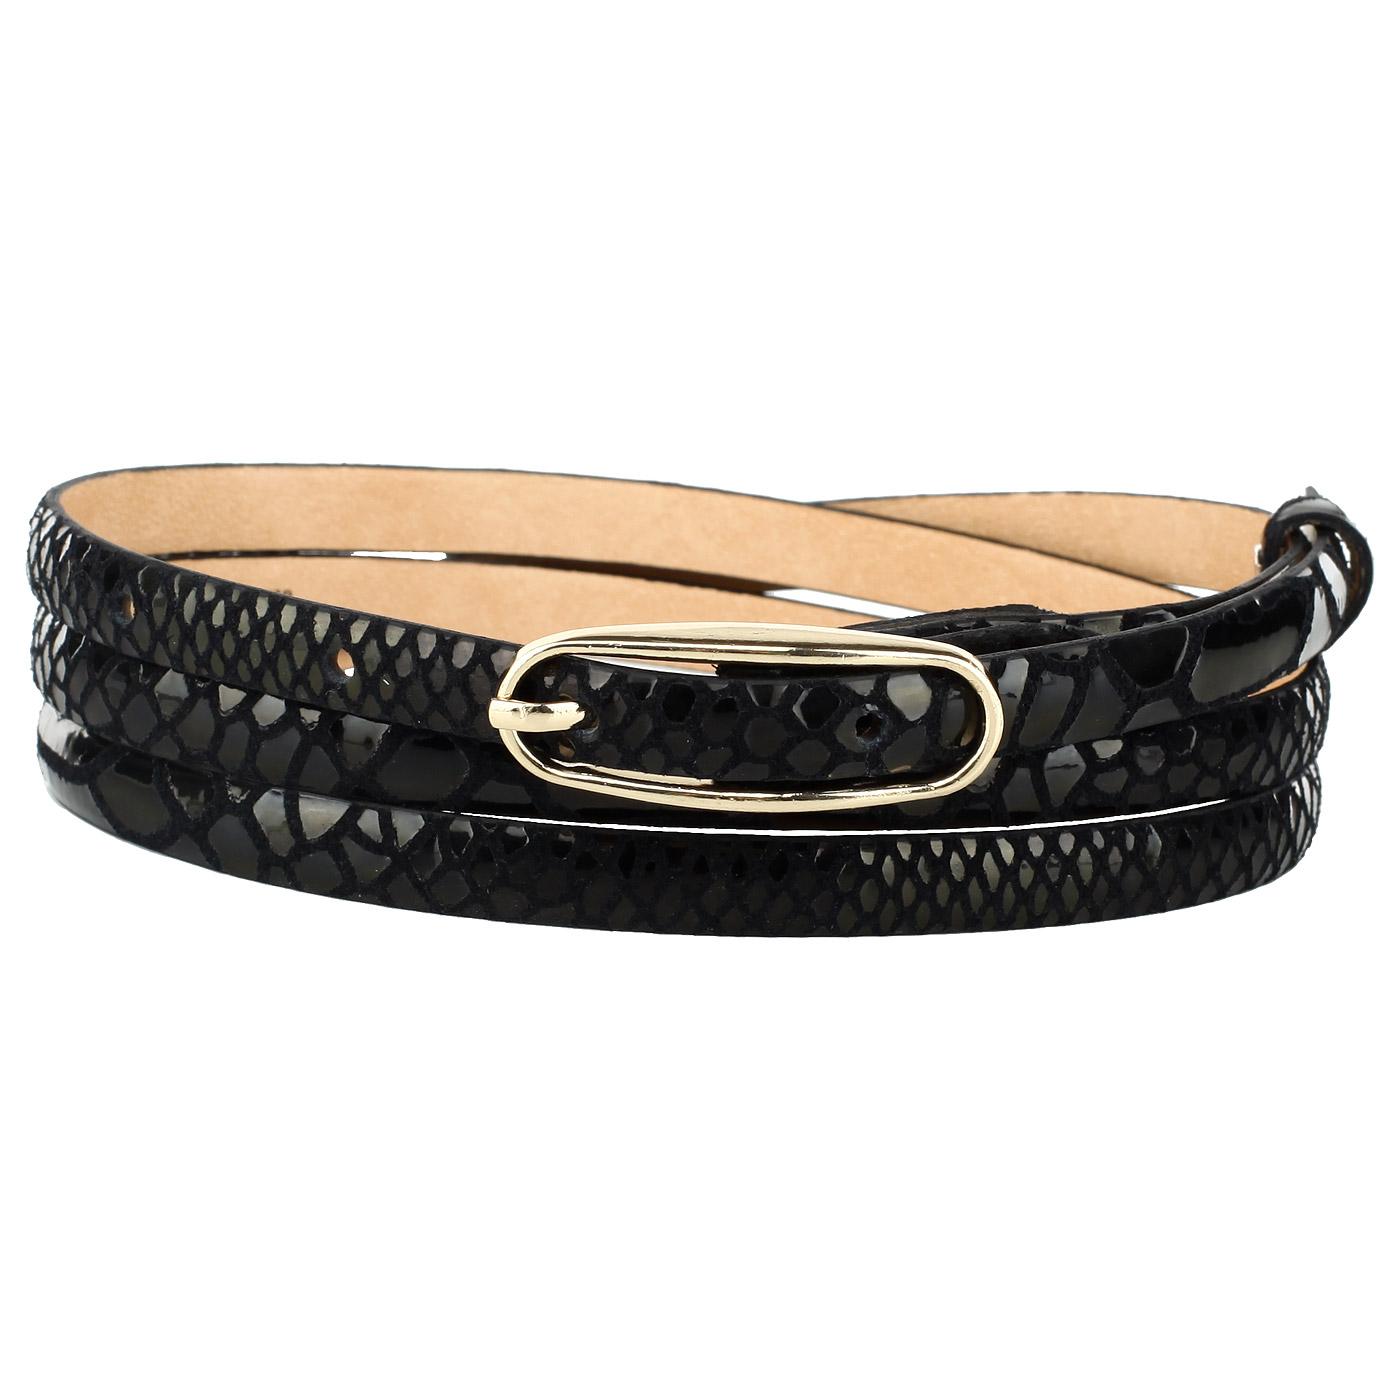 Женский ремень из натуральной кожи купить кожаные ремни для часов с застежками